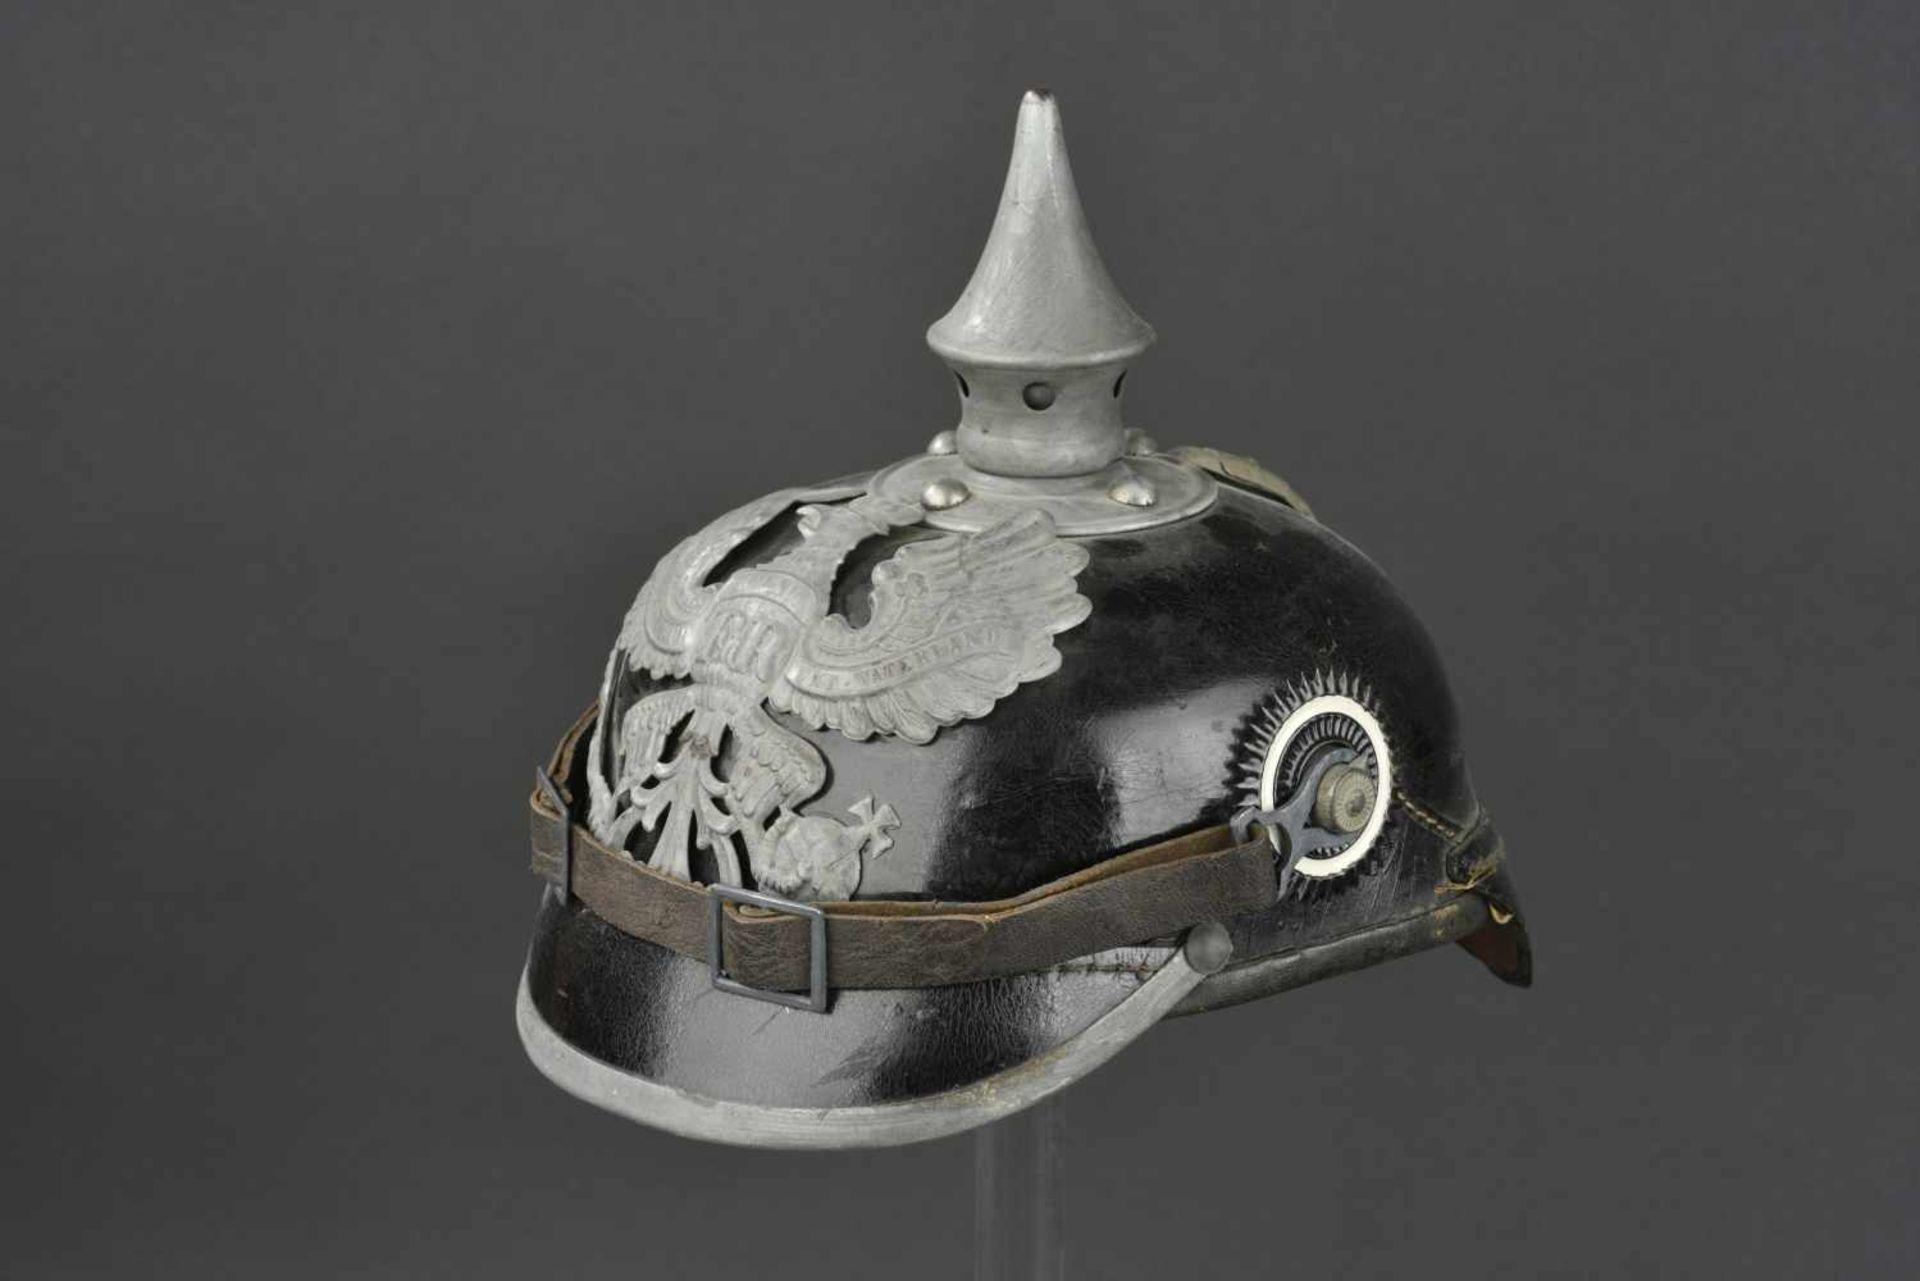 PRUSSE Casque à pointe de troupe modèle 1915 de l'infanterie Prussienne Bombe en cuir, garnitures en